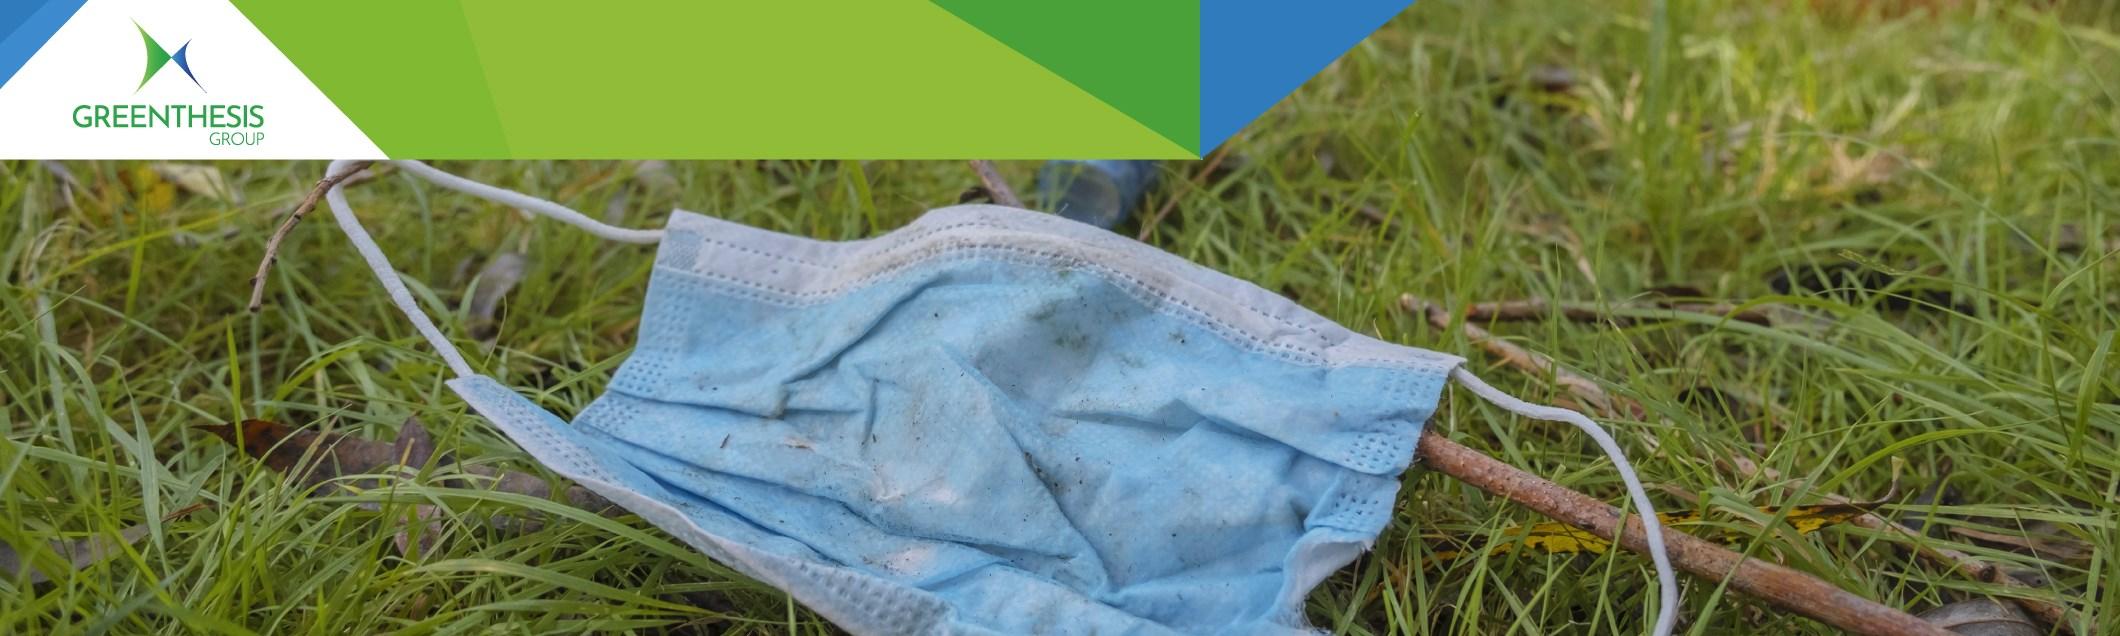 L'inquinamento causato dalla pandemia. Ricerca scientifica su mascherine riciclabili